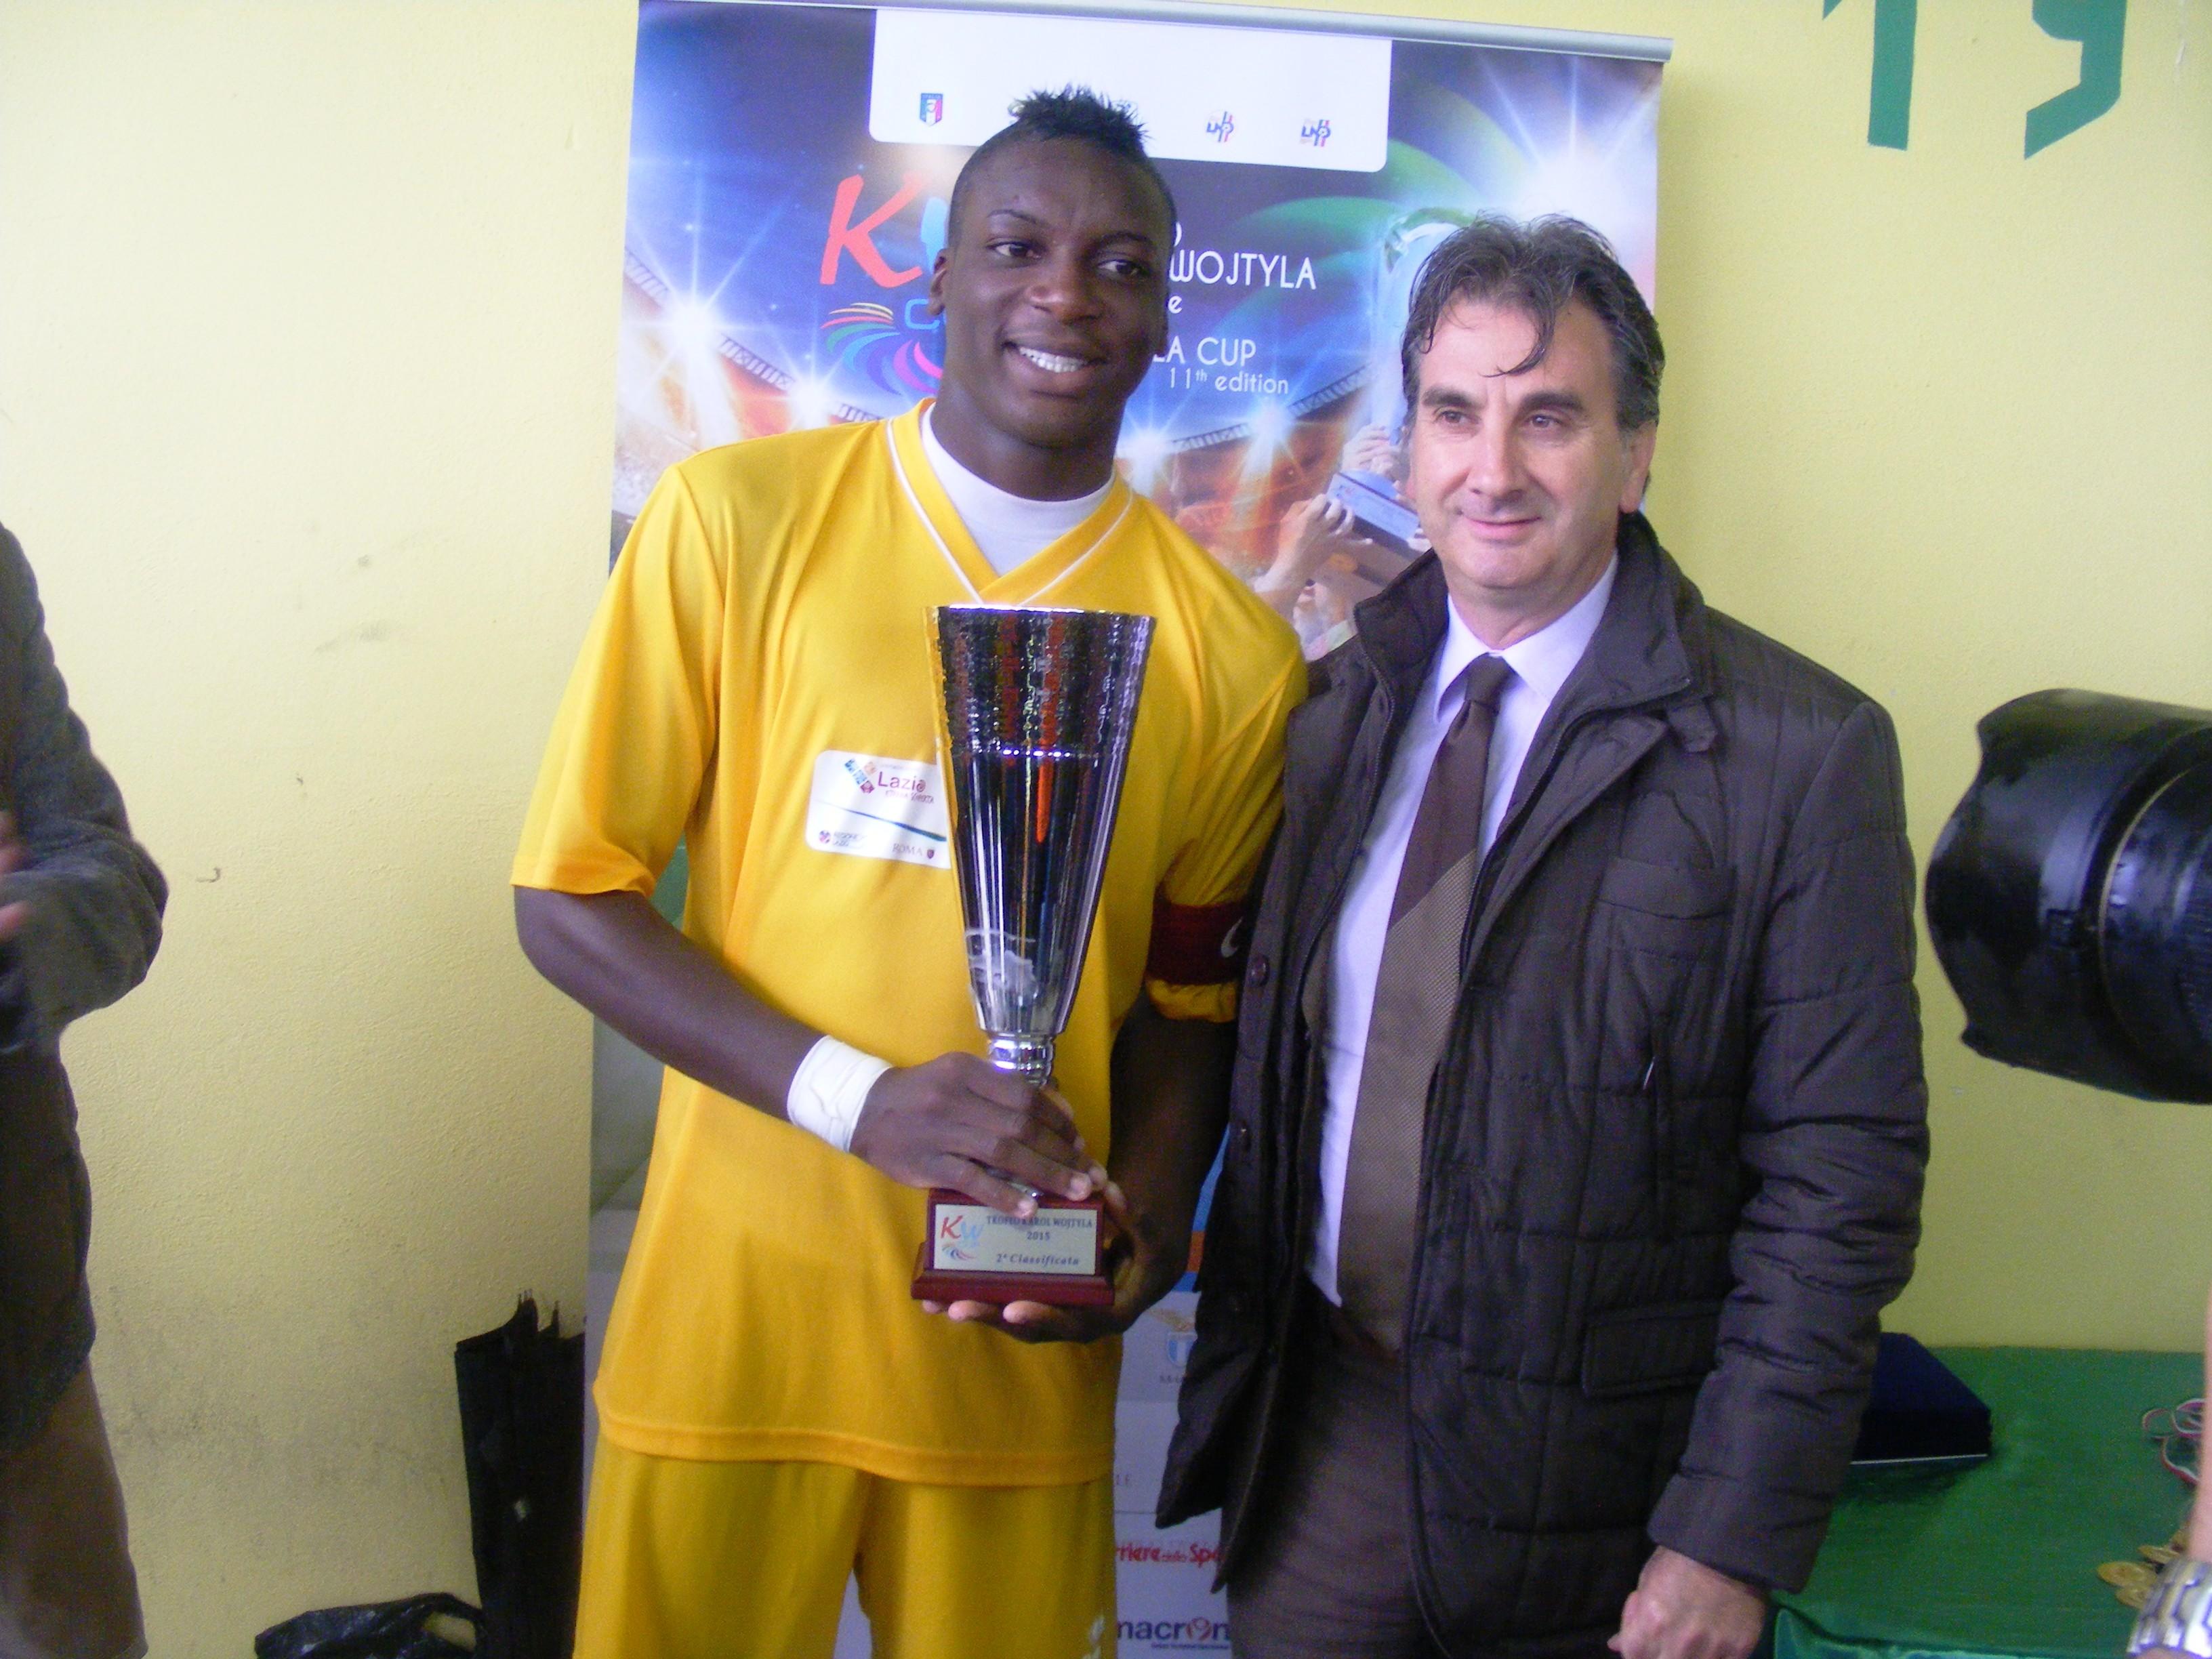 l'assessore Fabrizio Ferrante Carrante premia la squadra seconda classificata della  Rappresentativa Lega Nazionale Dilettanti